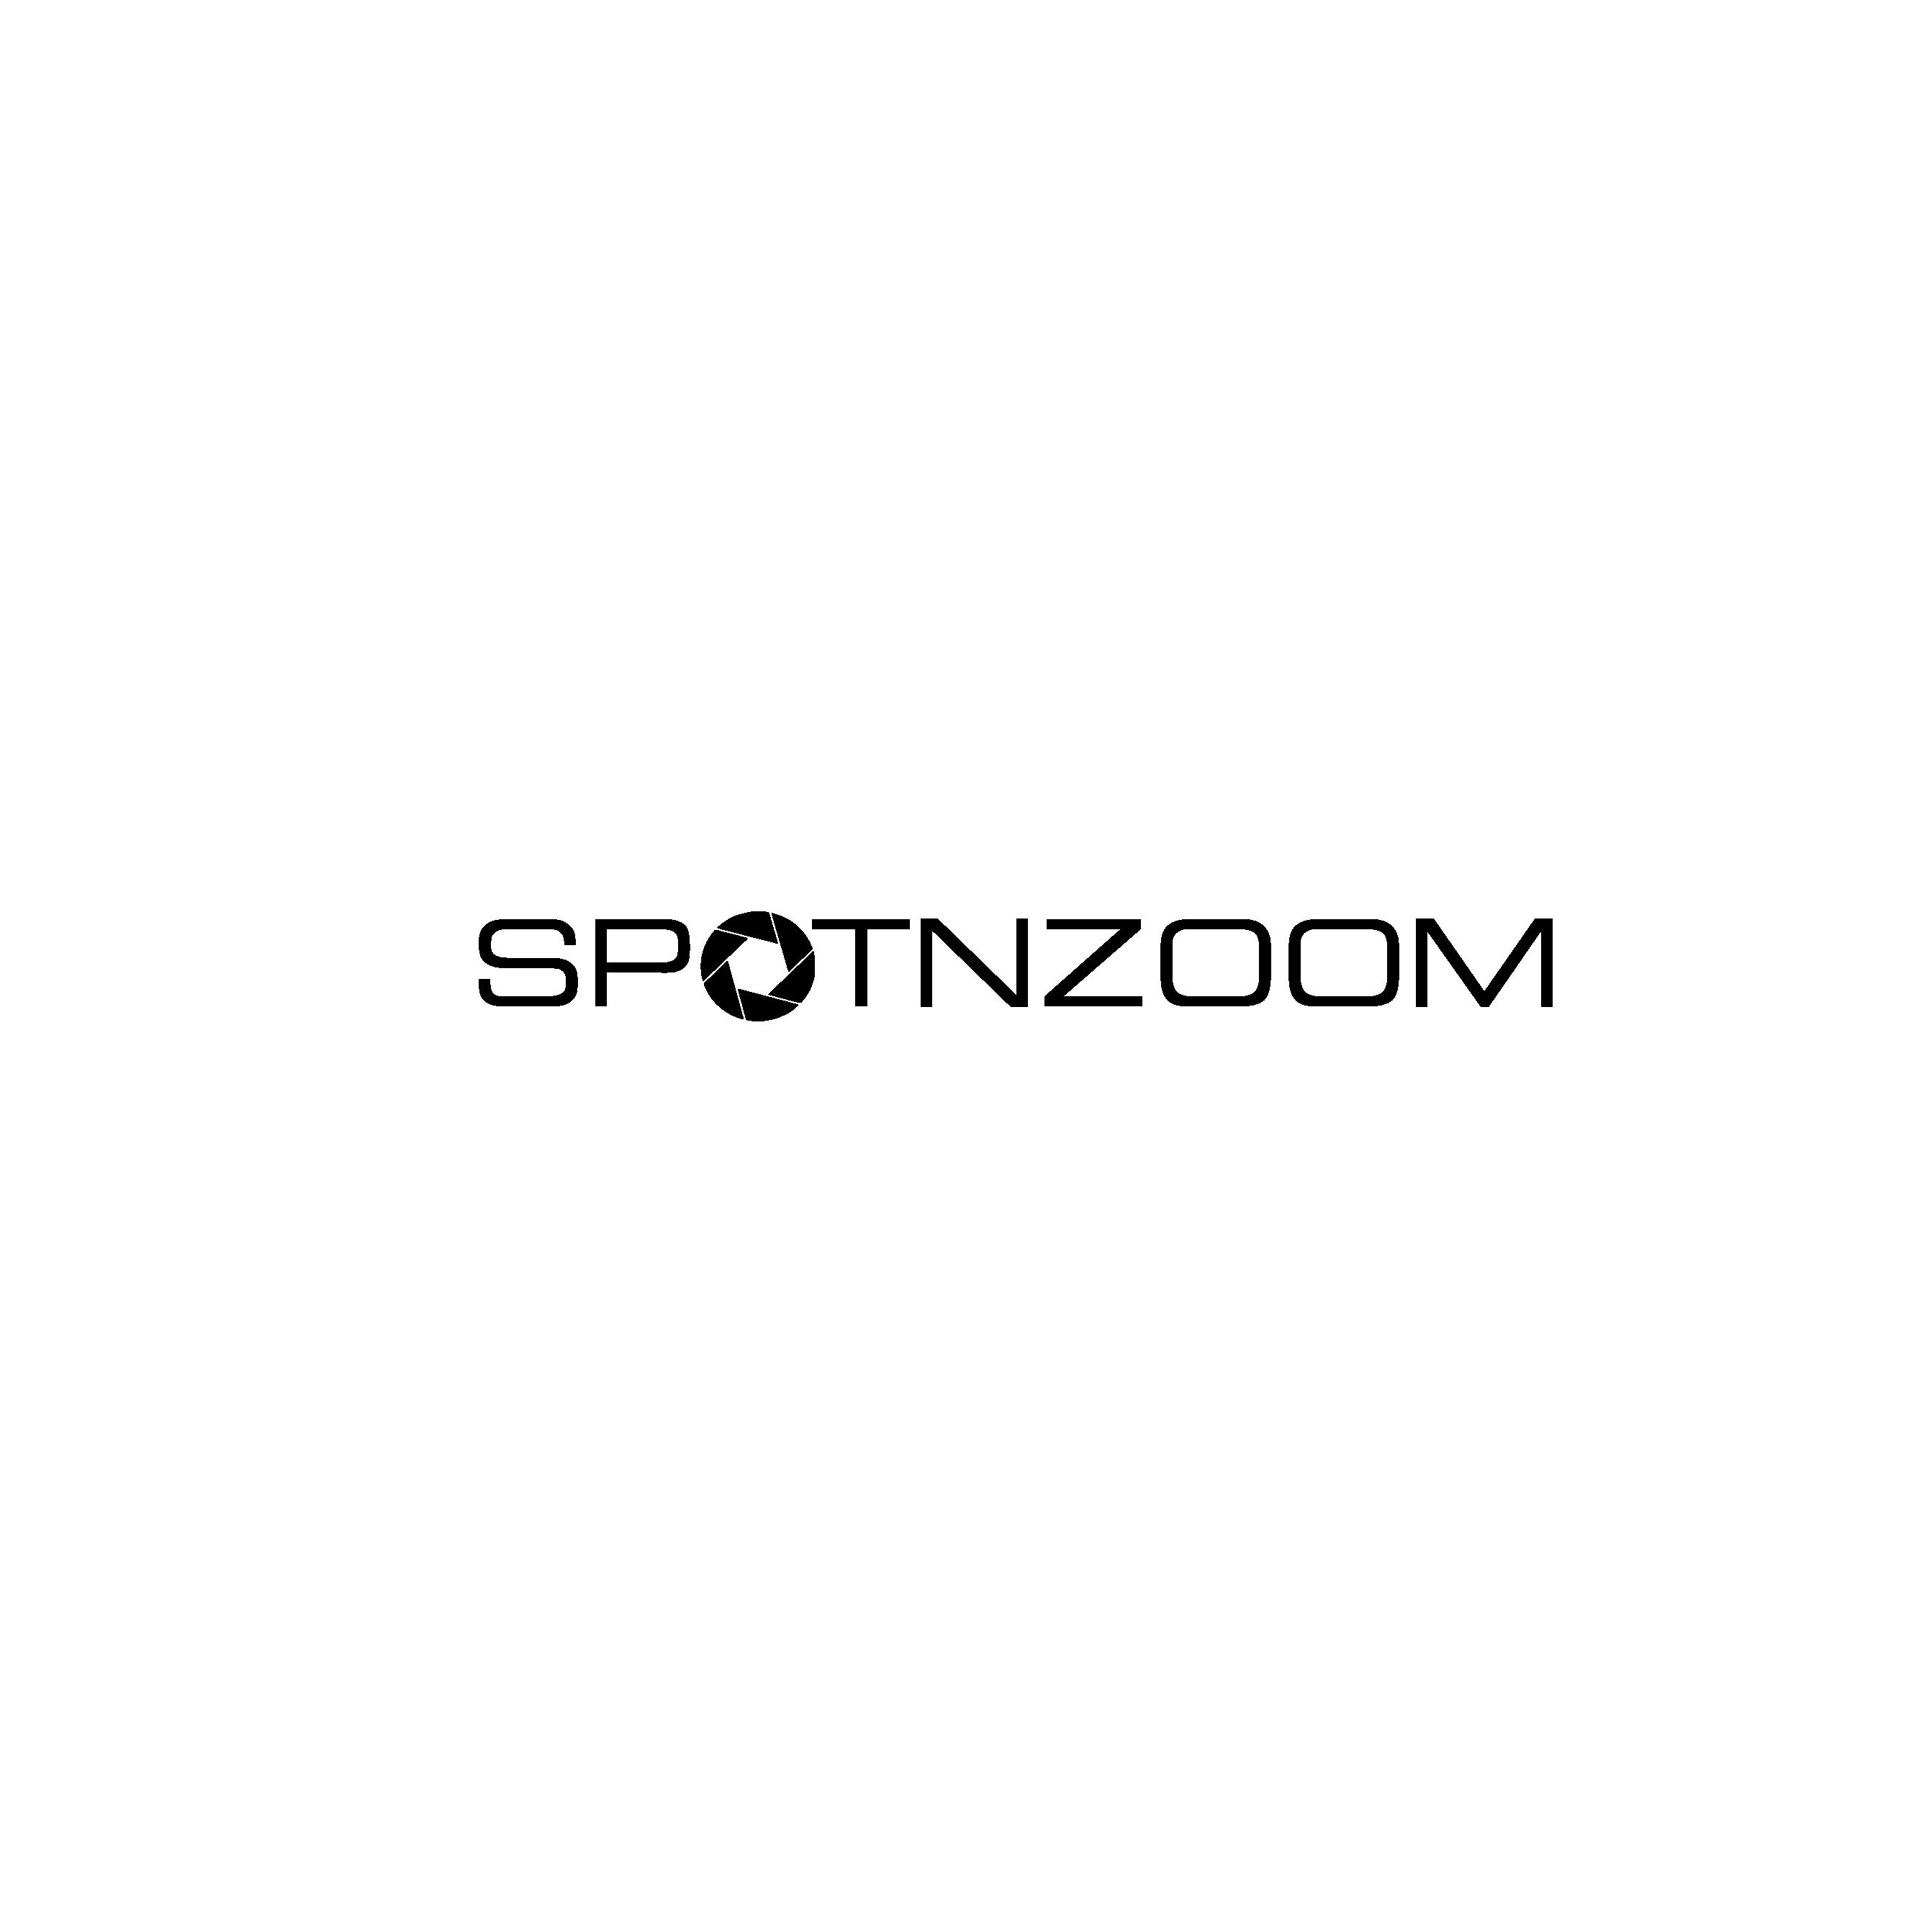 SpotNzoom logo